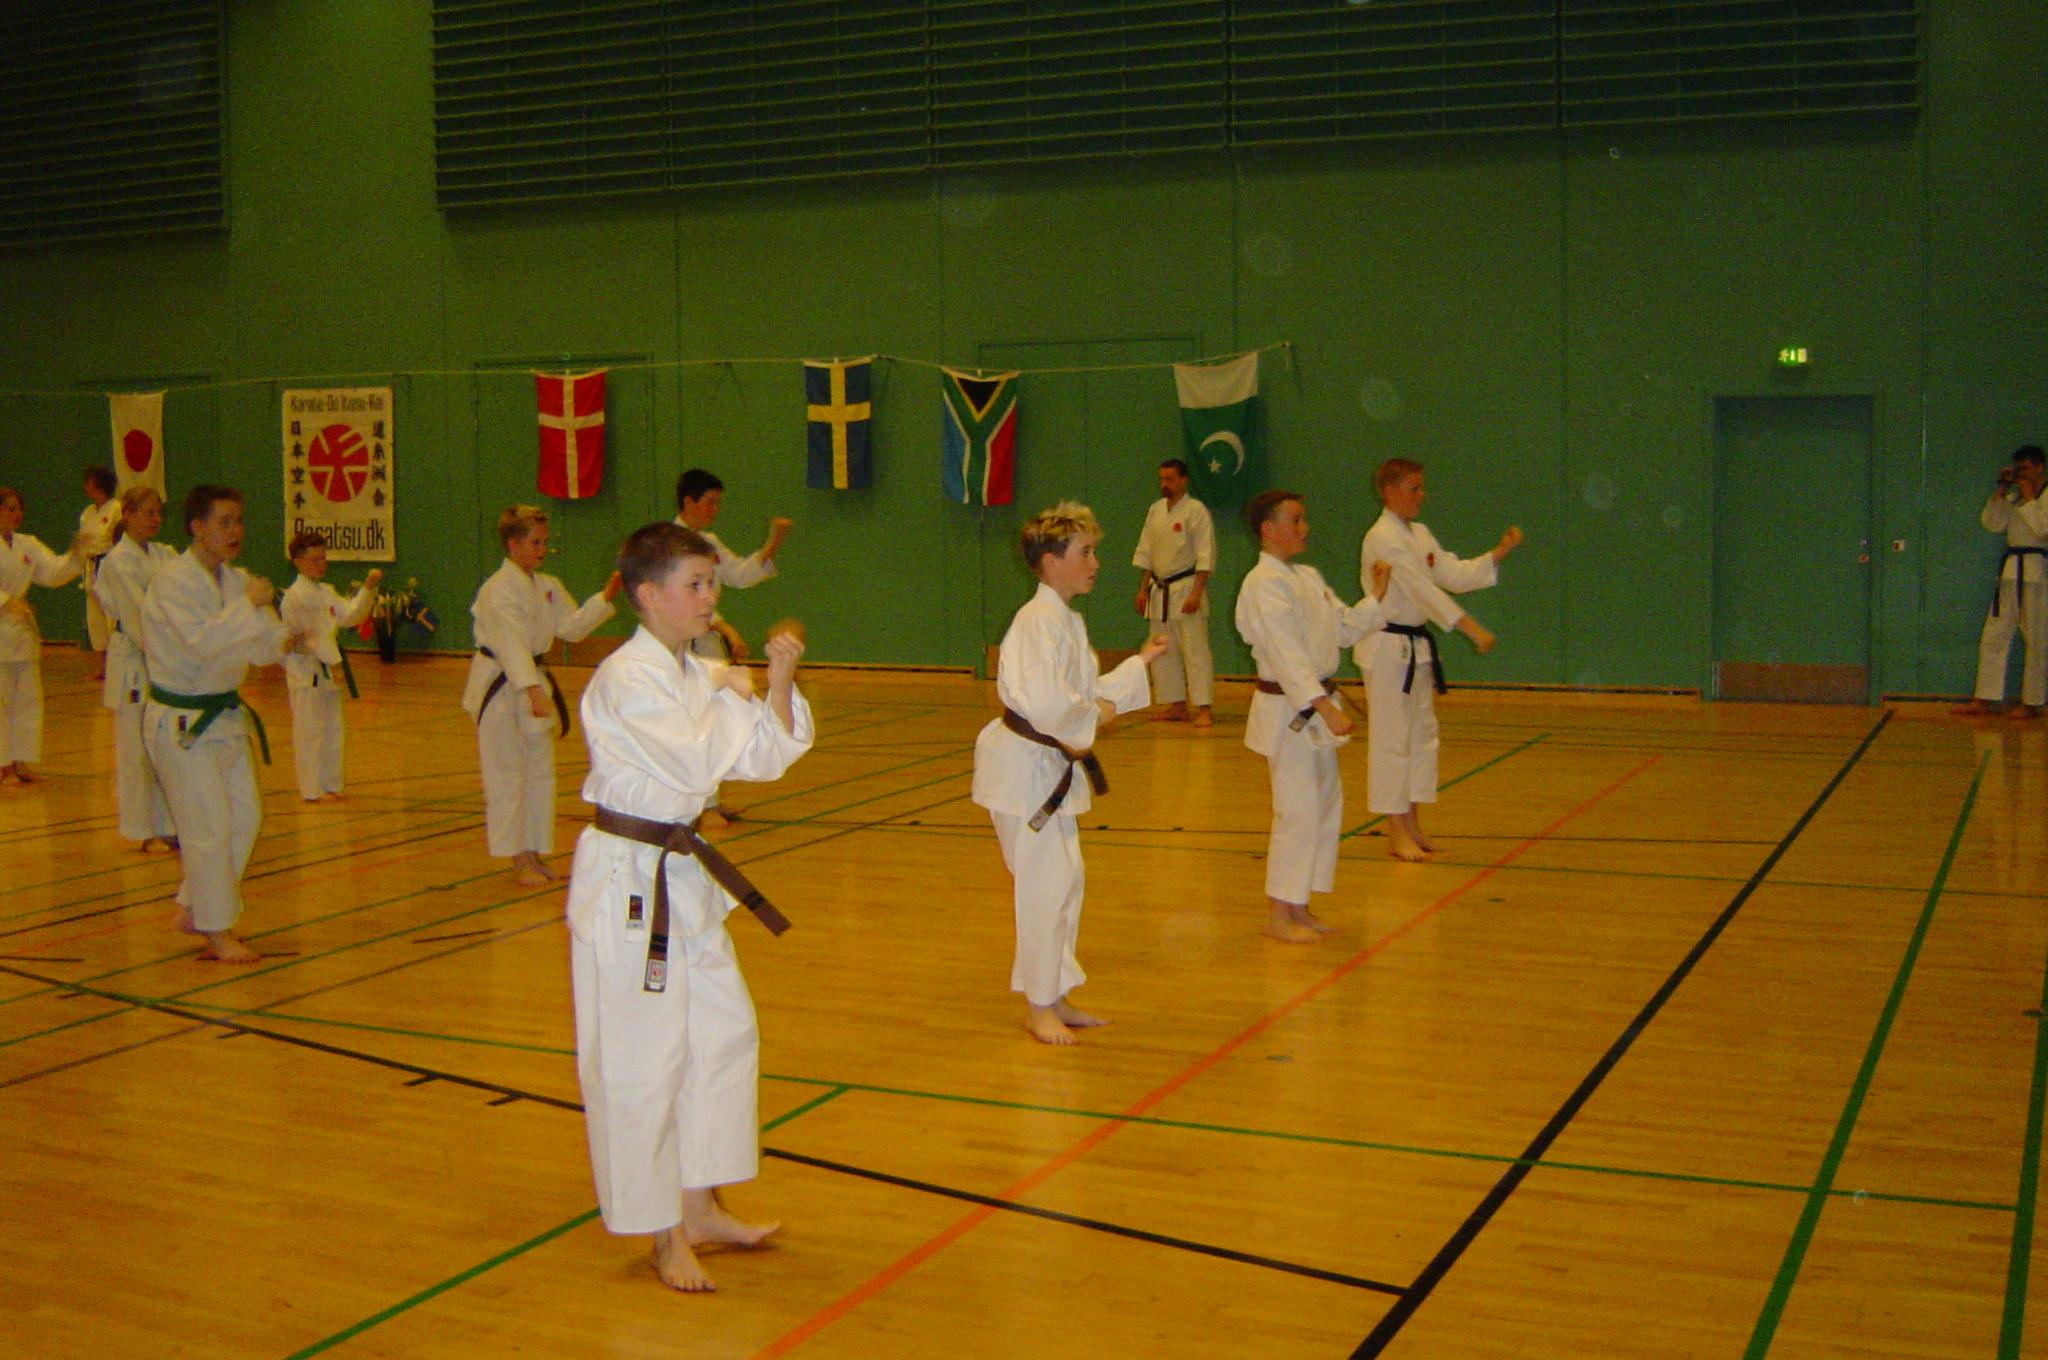 Sakagami sensai seminar 2004 075 (12)